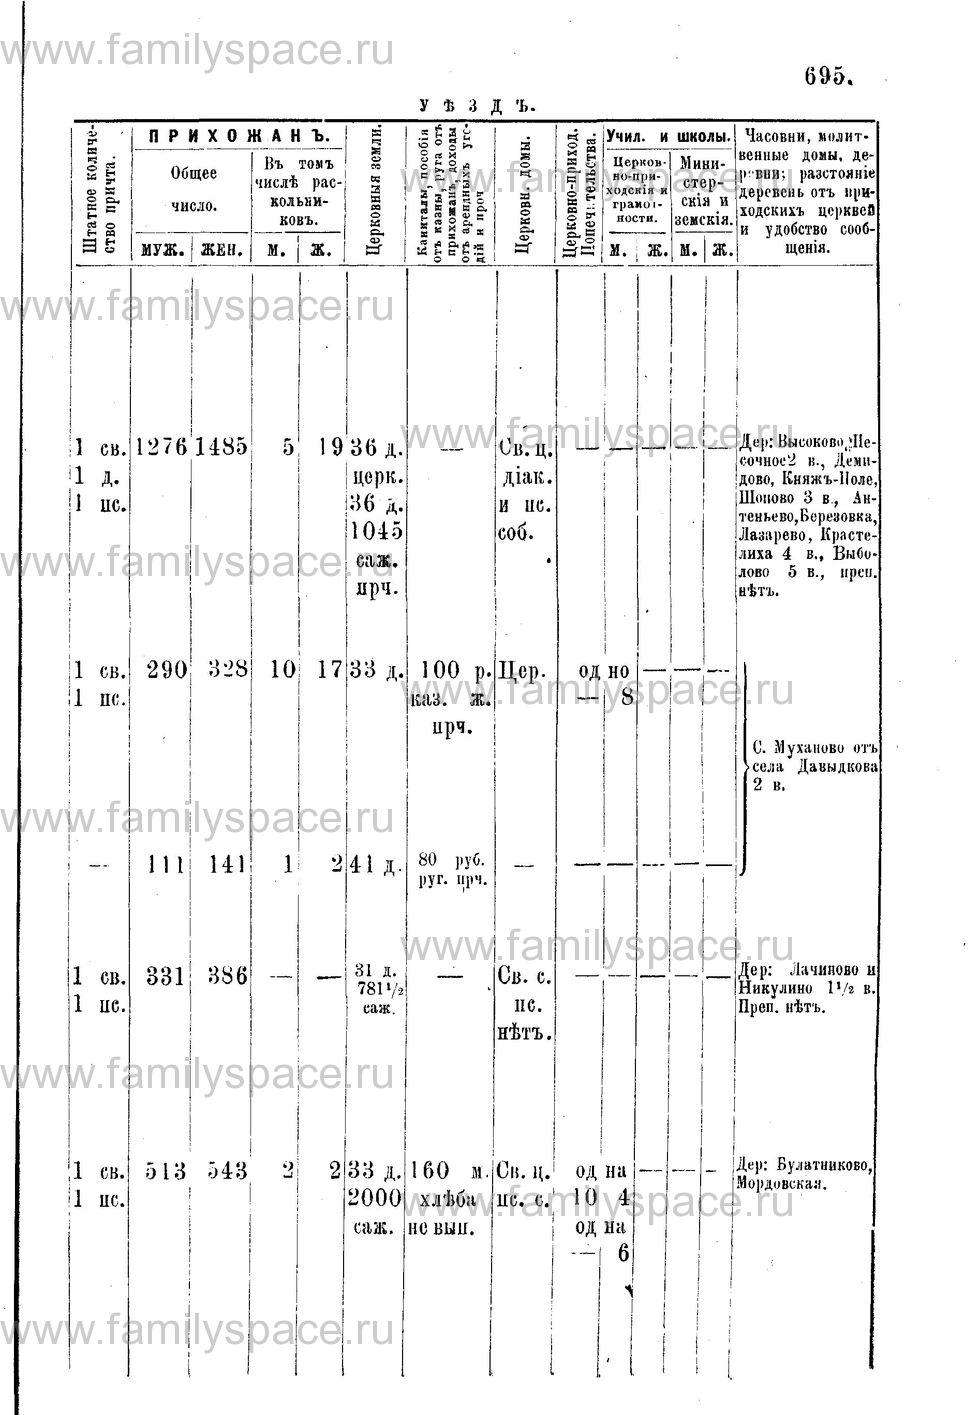 Поиск по фамилии - Адрес-календарь Нижегородской епархии на 1888 год, страница 1695